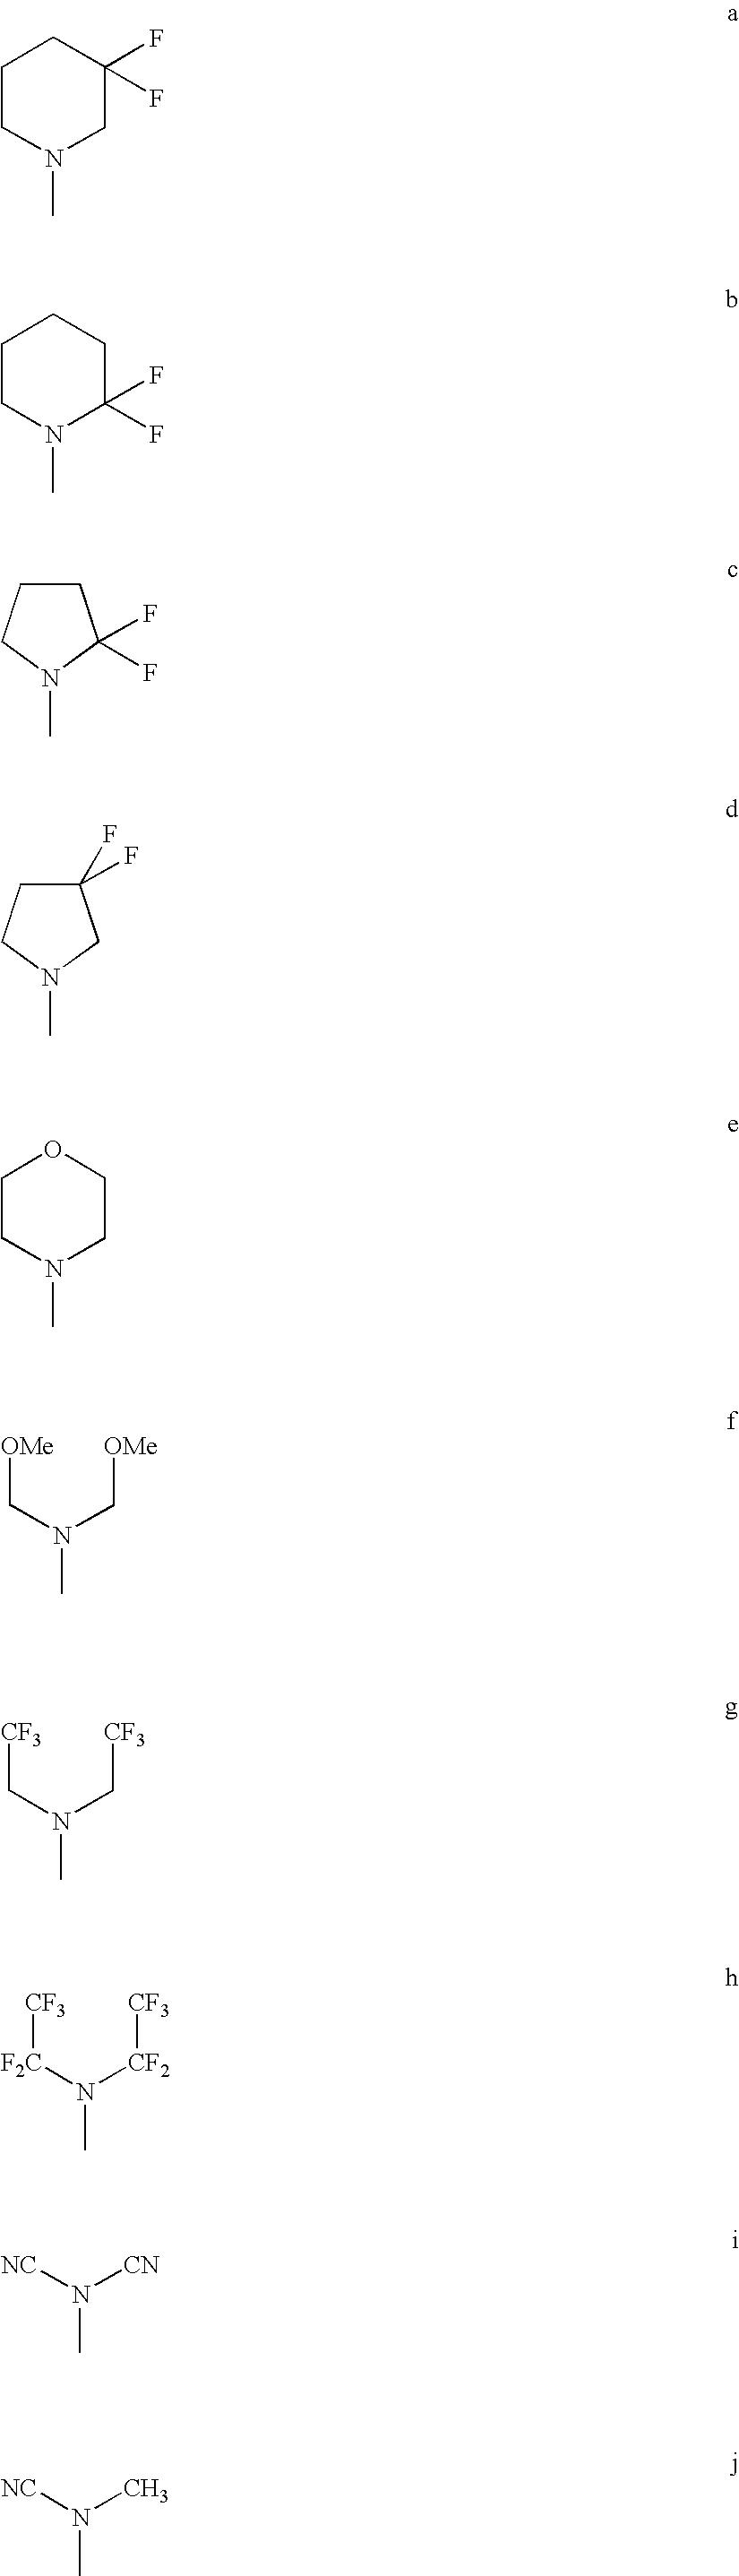 Figure US20100041243A1-20100218-C00002